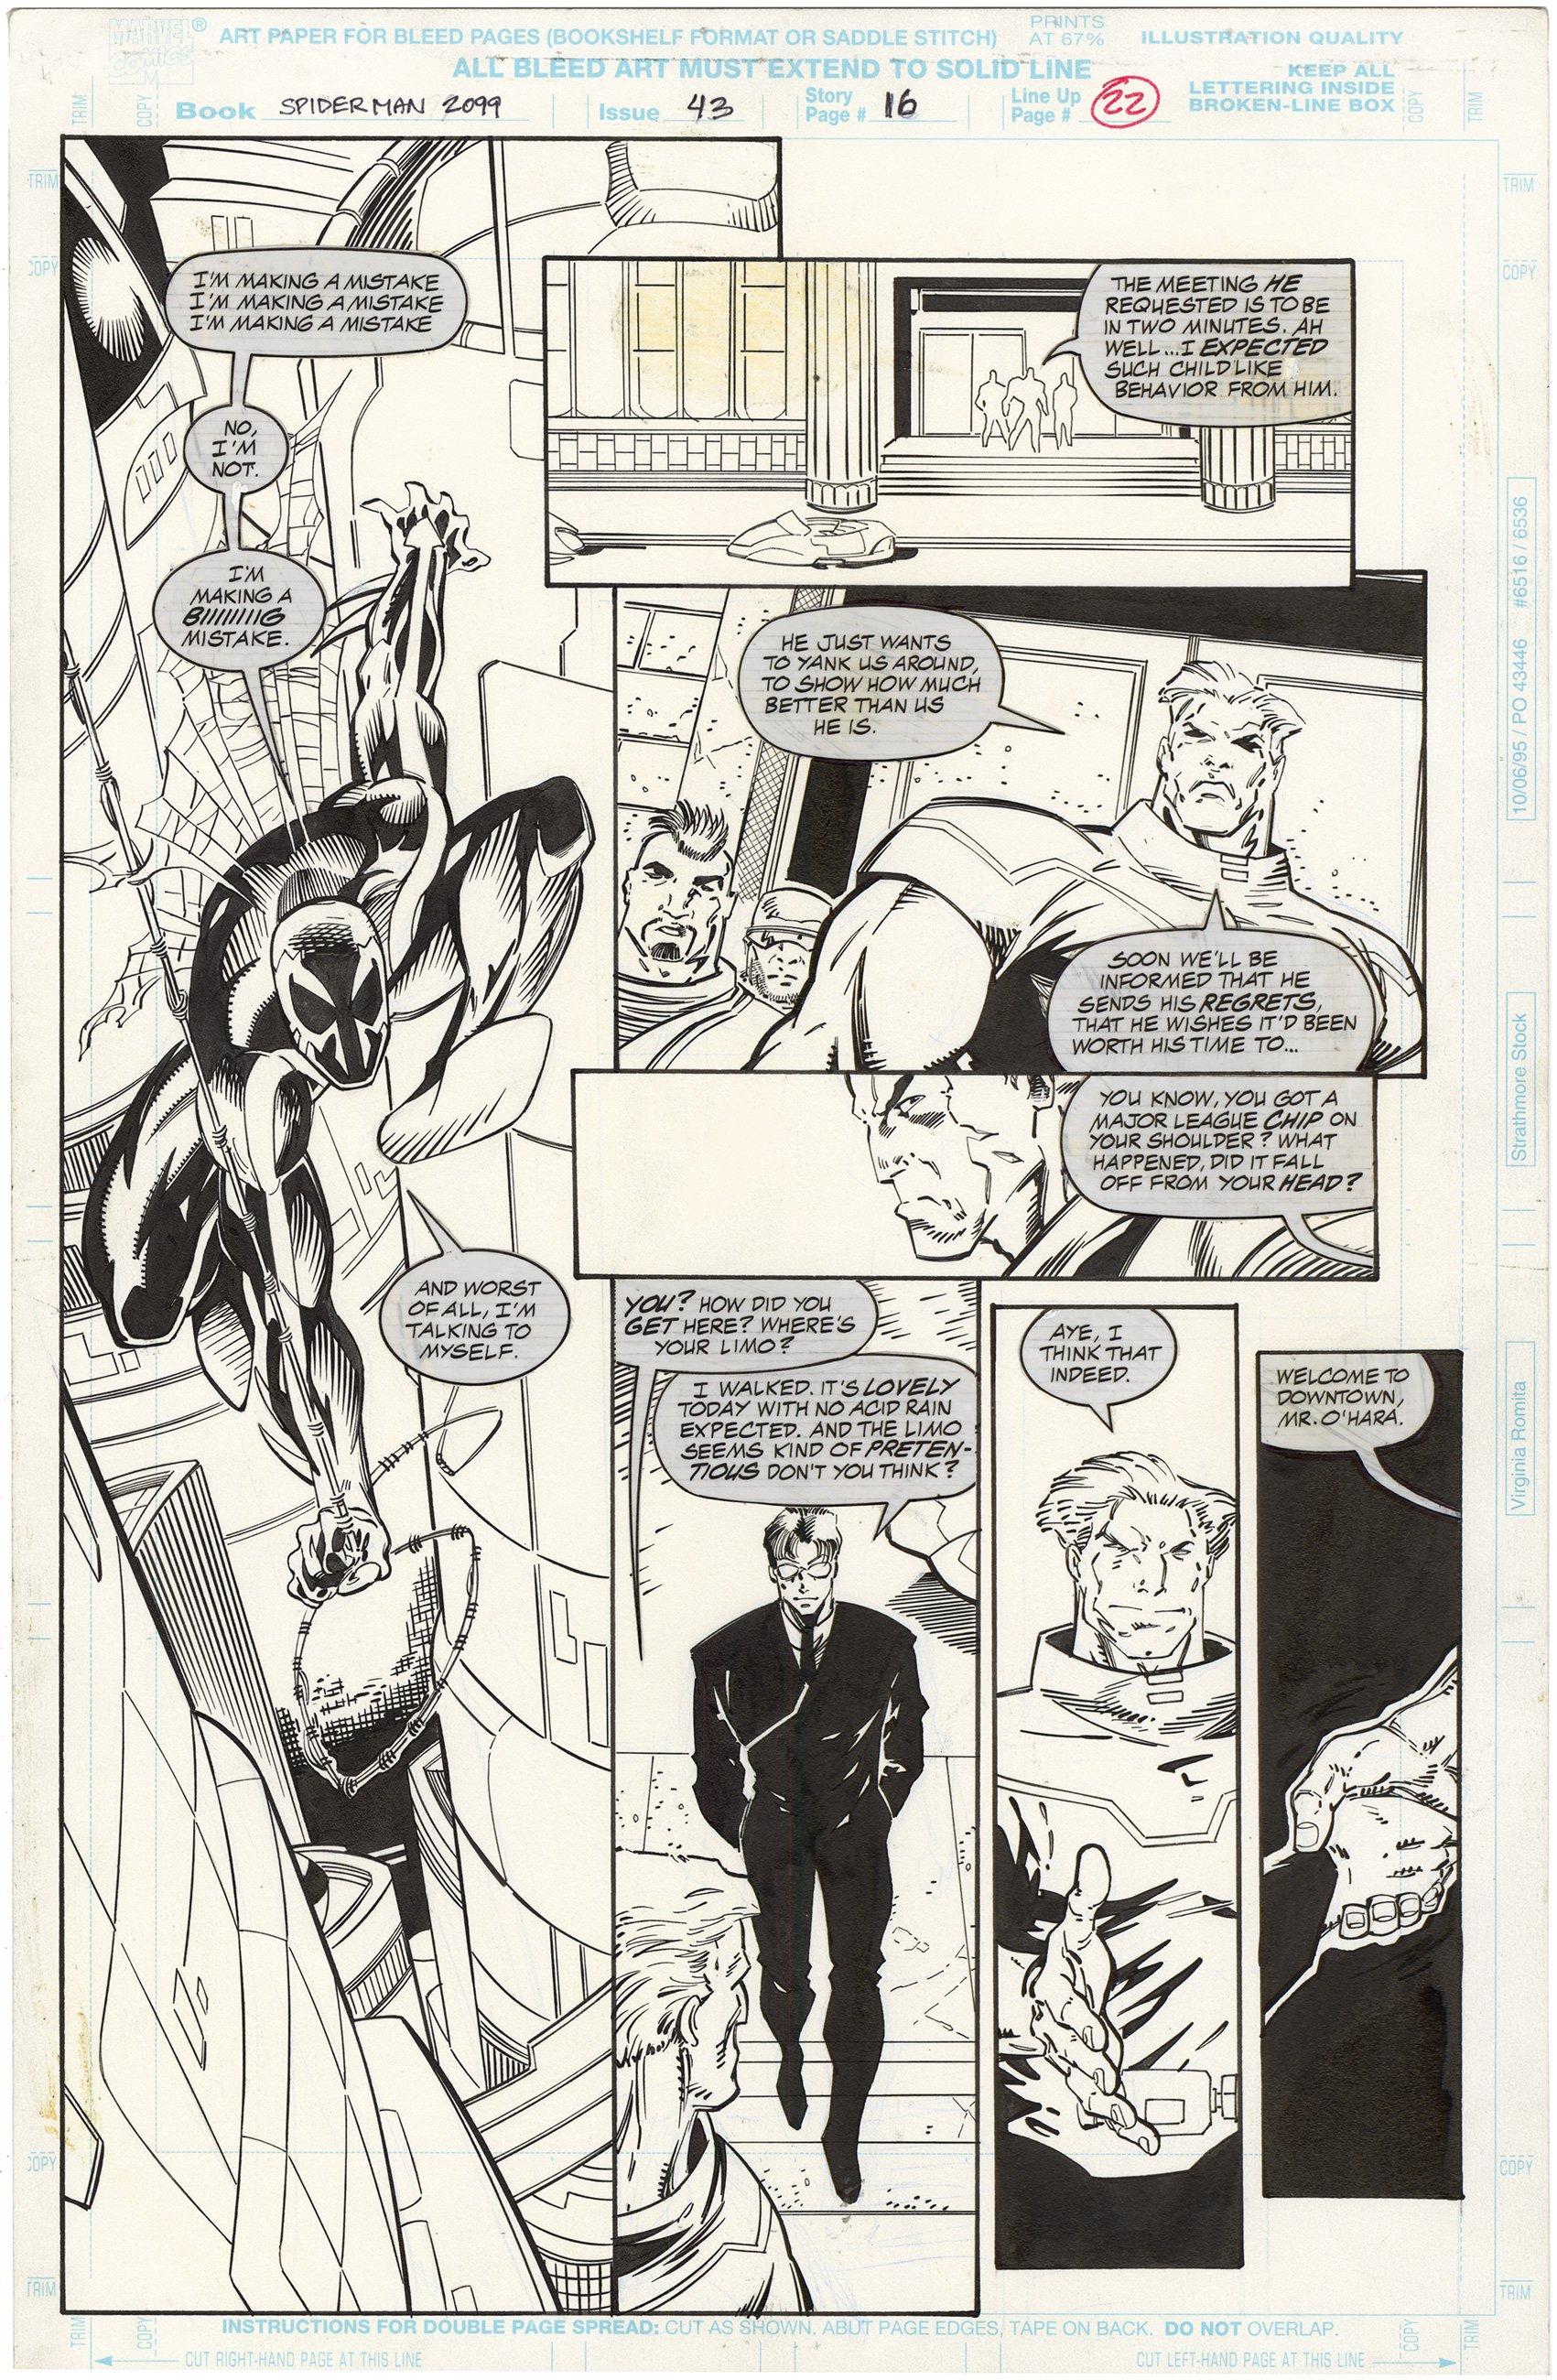 Spider-Man 2099 #43 p16